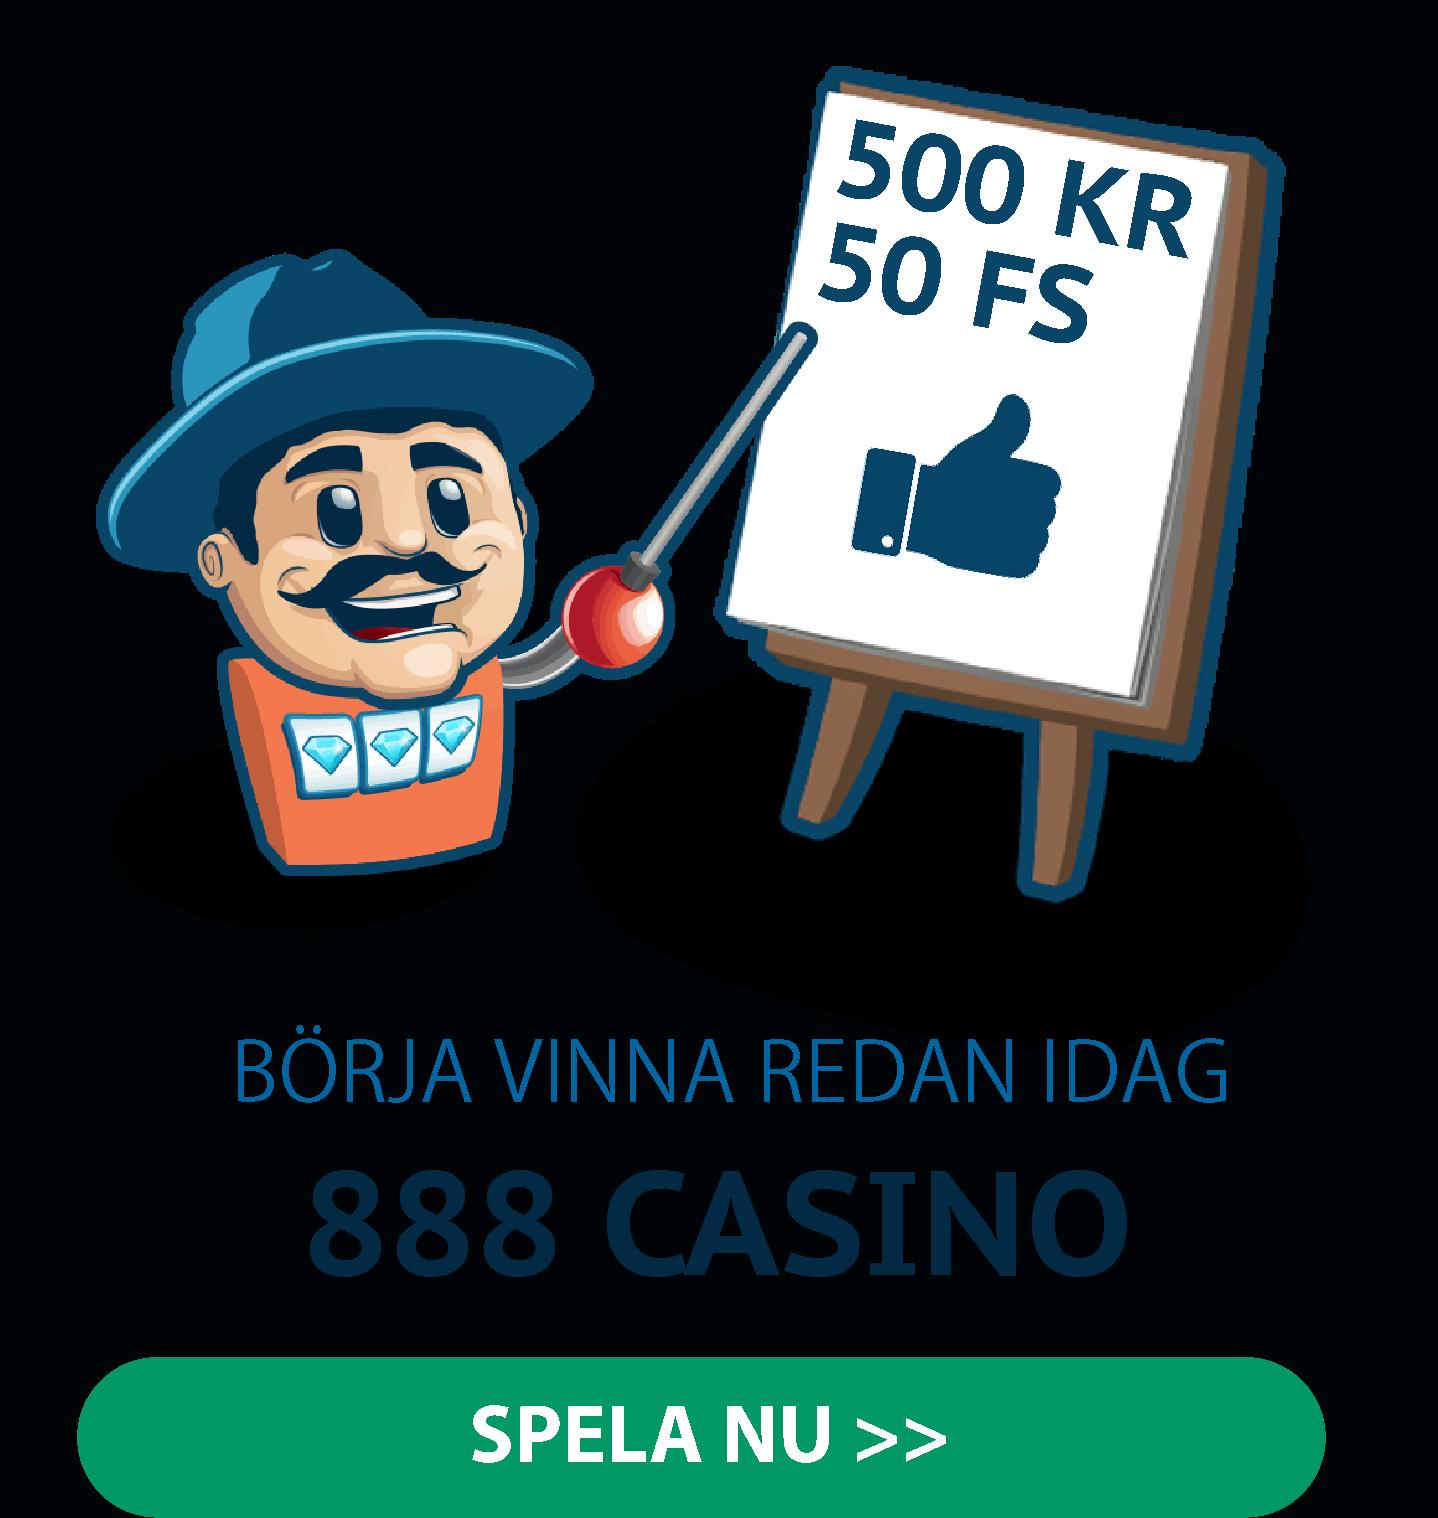 Börja spela hos 888 Casino idag!